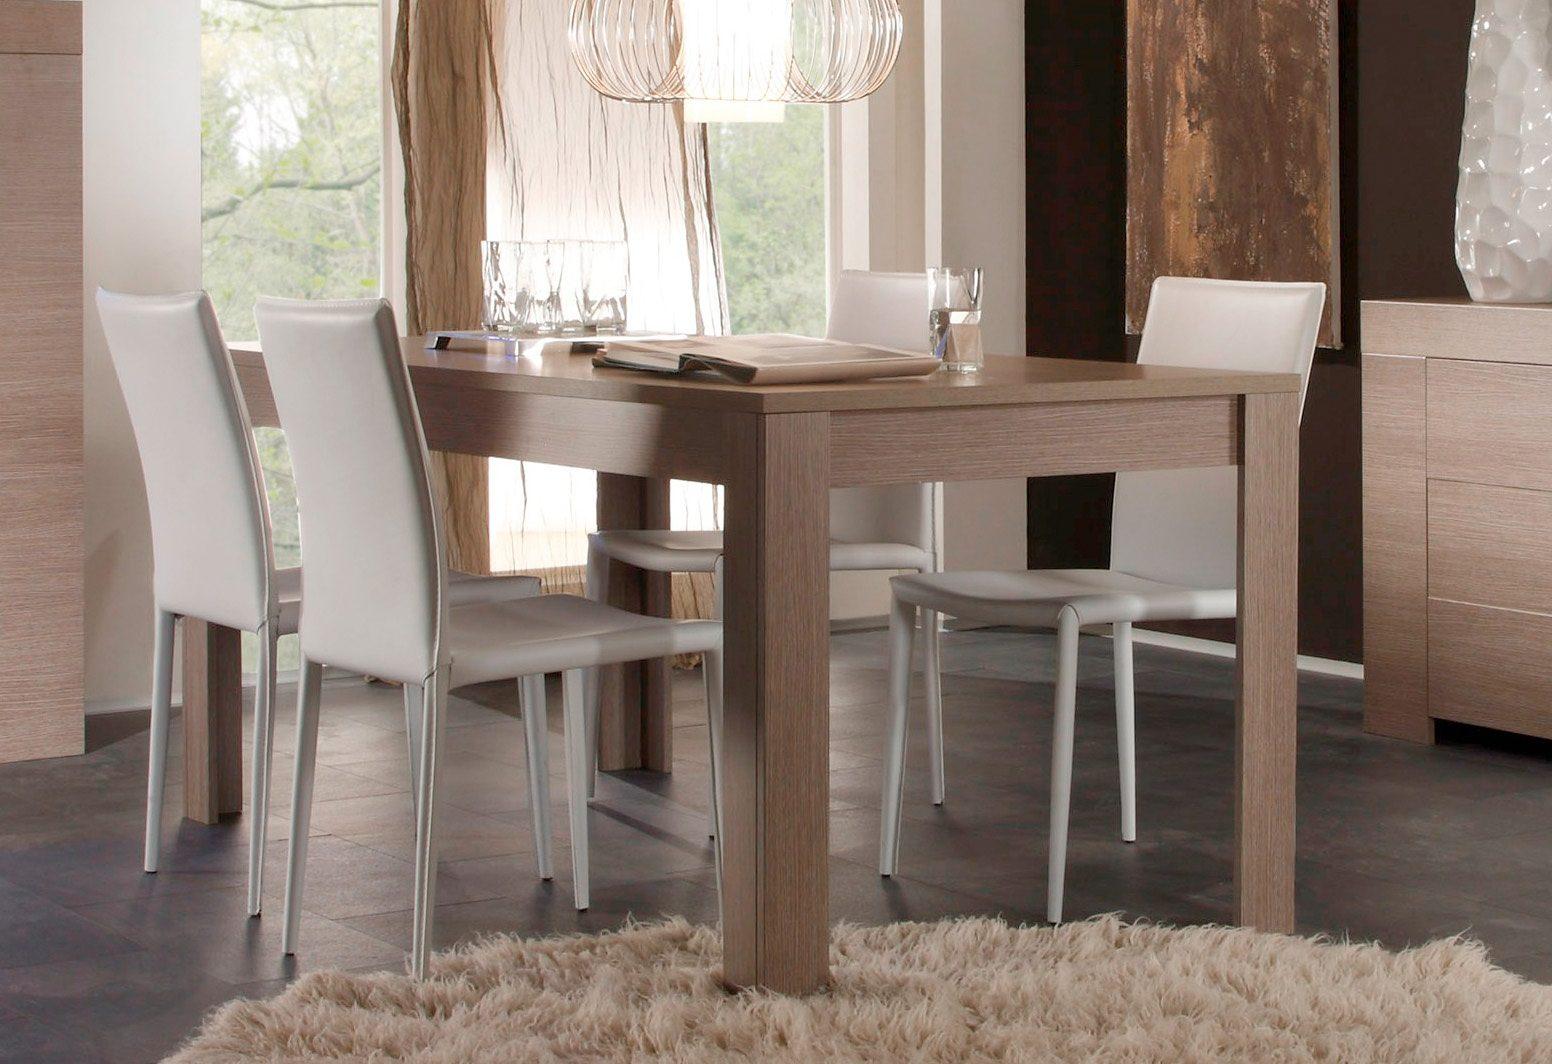 Grijze eettafel trendy landelijke tafel madelief with grijze